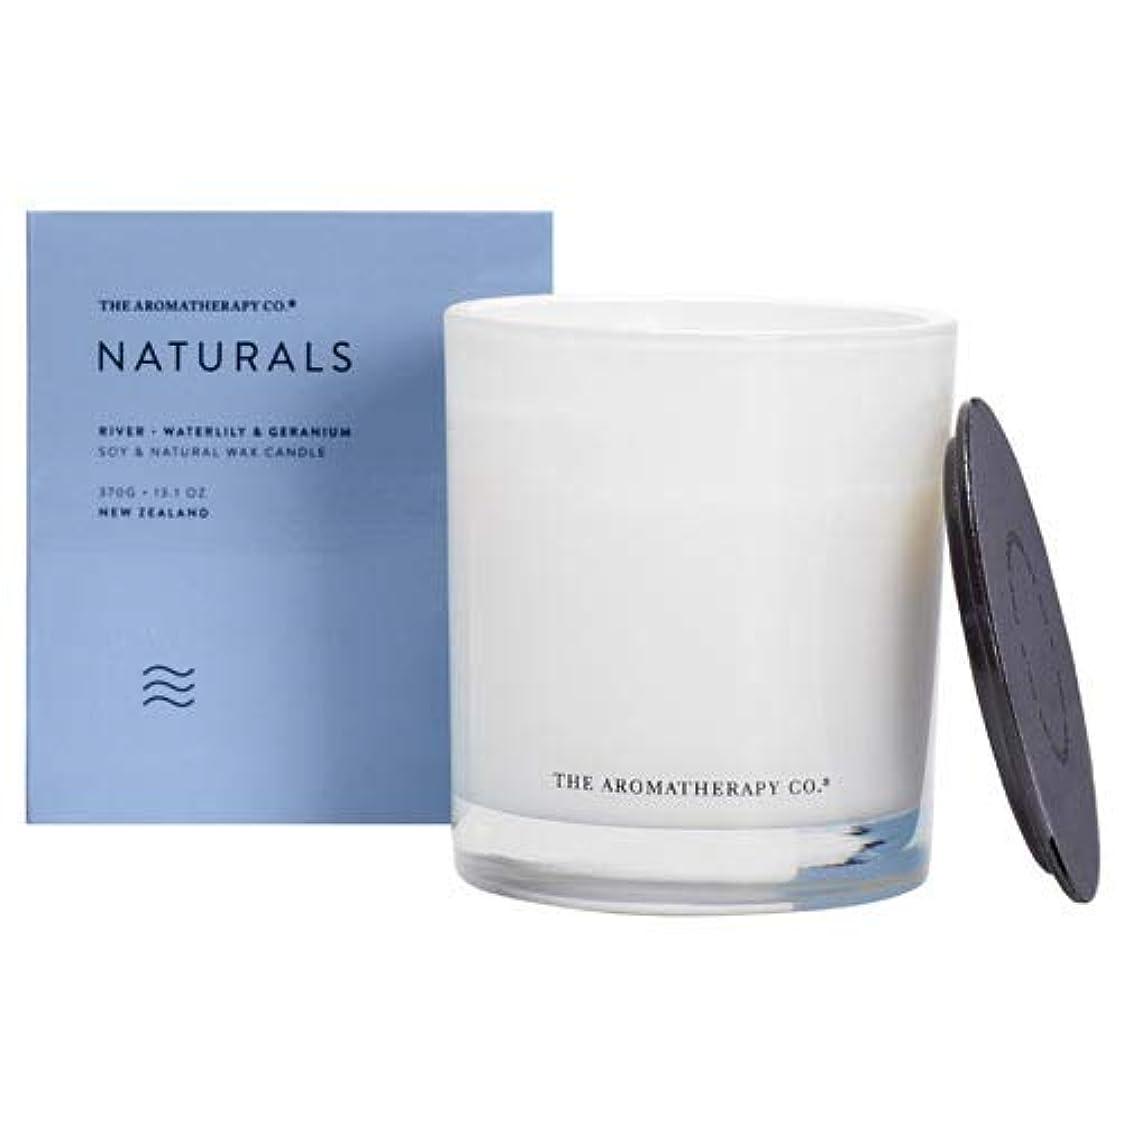 必要とするトリクルマイクアロマセラピーカンパニー(Aromatherapy Company) new NATURALS ナチュラルズ Candle キャンドル River リバー(川) Waterlily & Geranium ウォーターリリー...